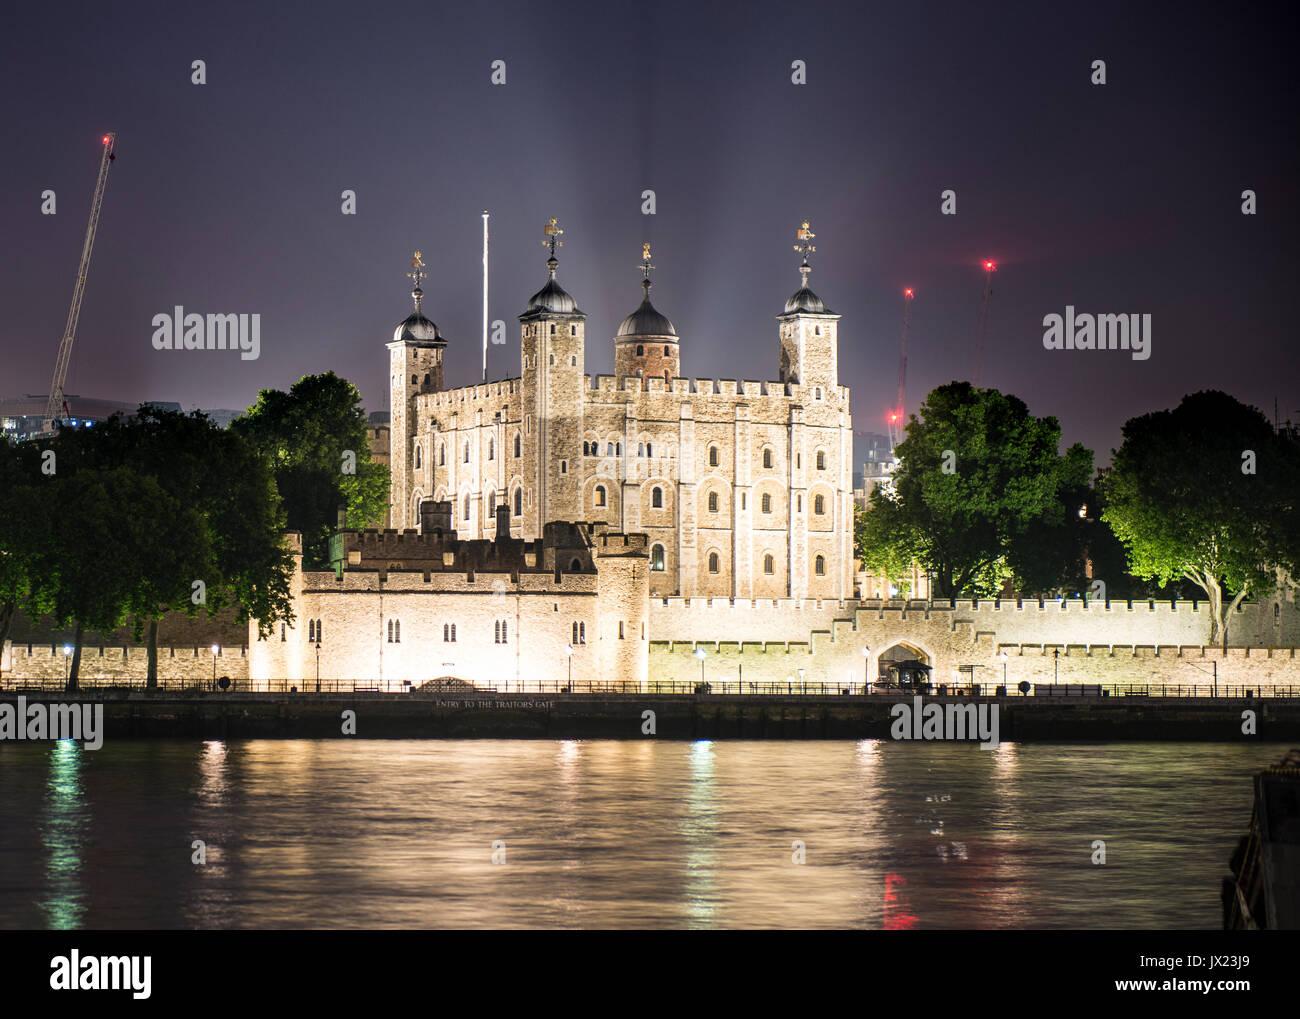 La Tour Blanche, la Tour de Londres, photo de nuit, Londres, Angleterre, Royaume-Uni Photo Stock